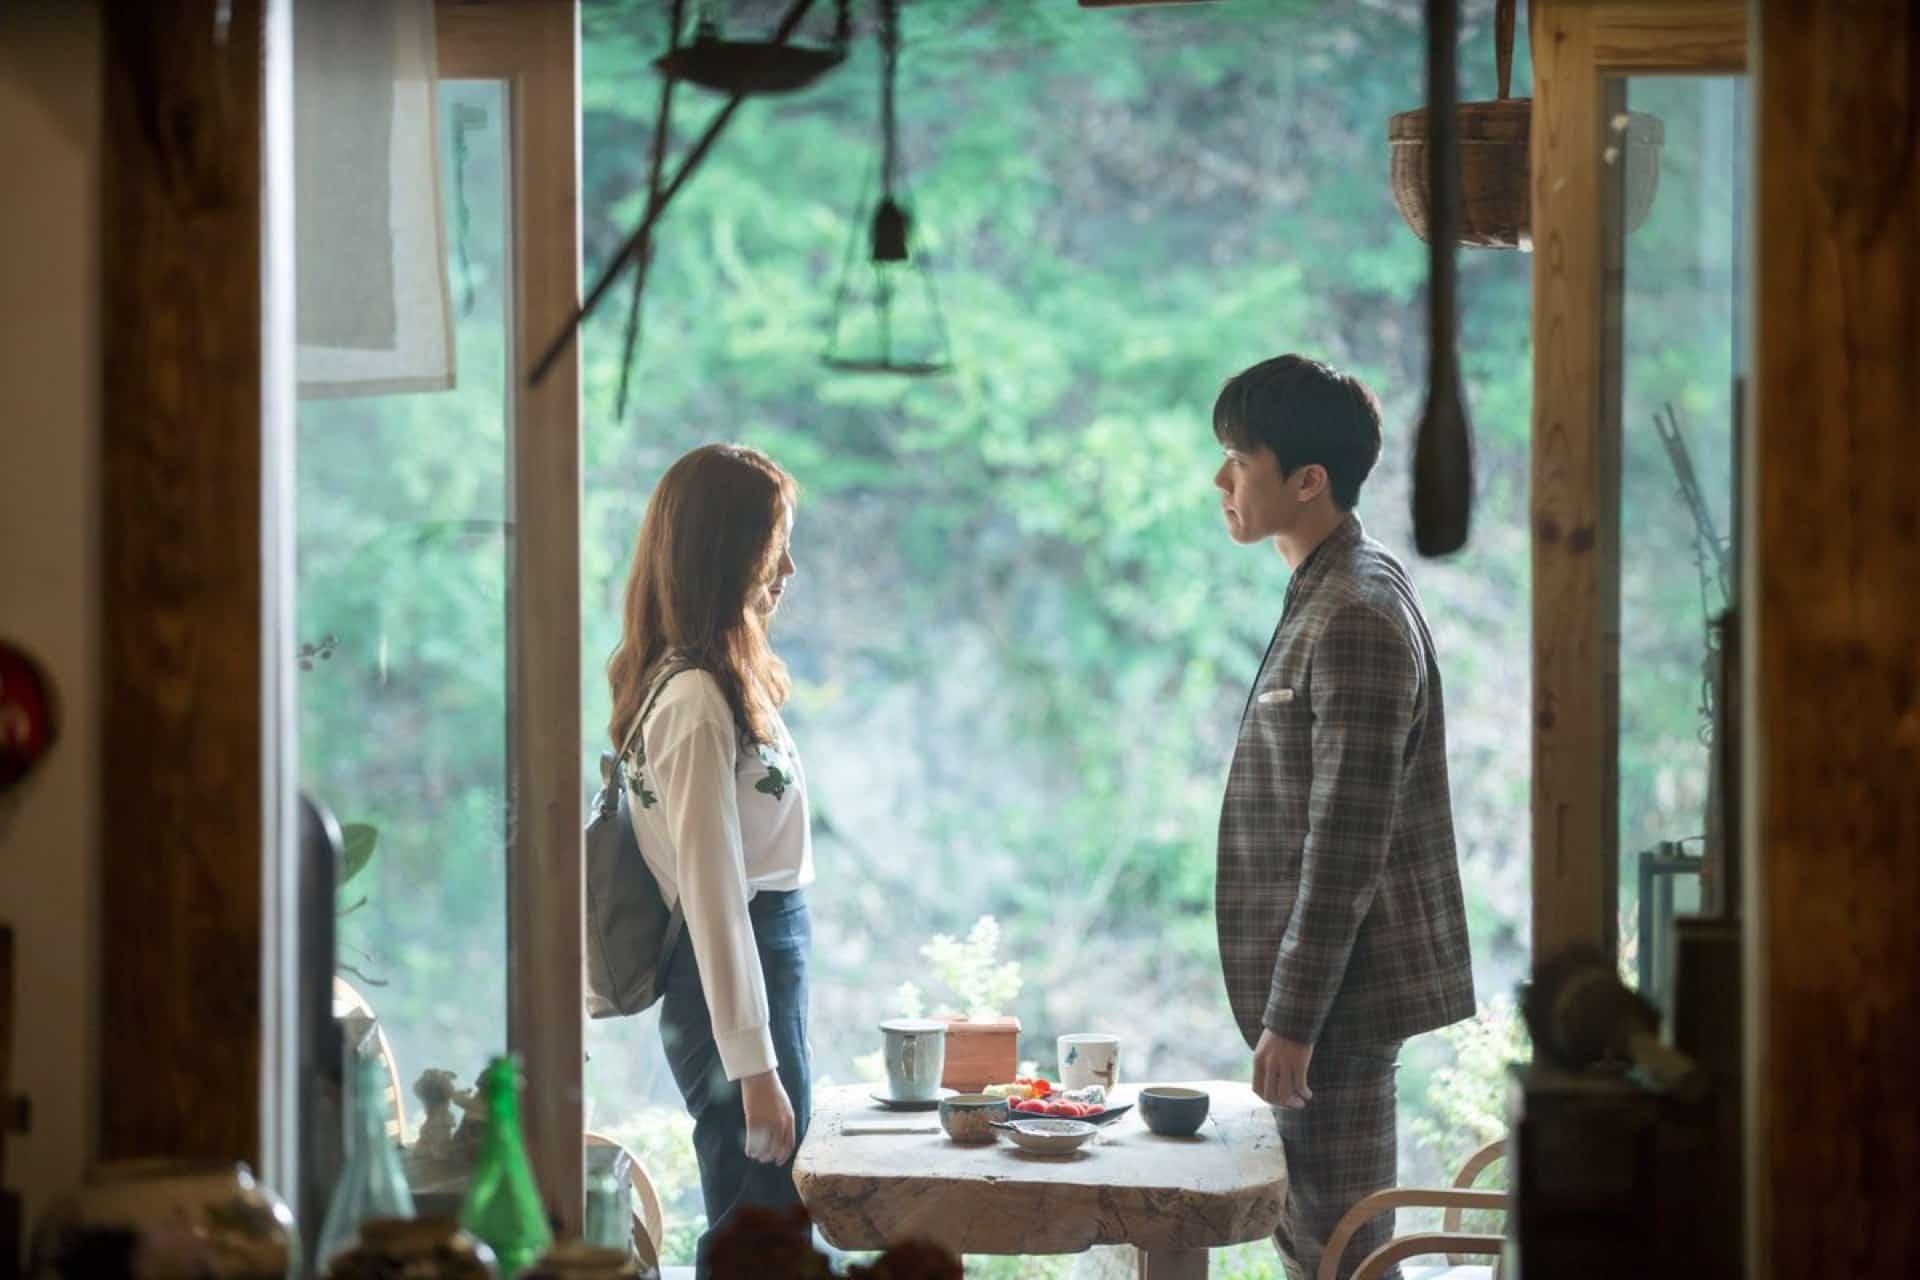 31日間無料!U-NEXT(ユーネクスト)で観れる人気&おすすめ韓国ドラマ一覧